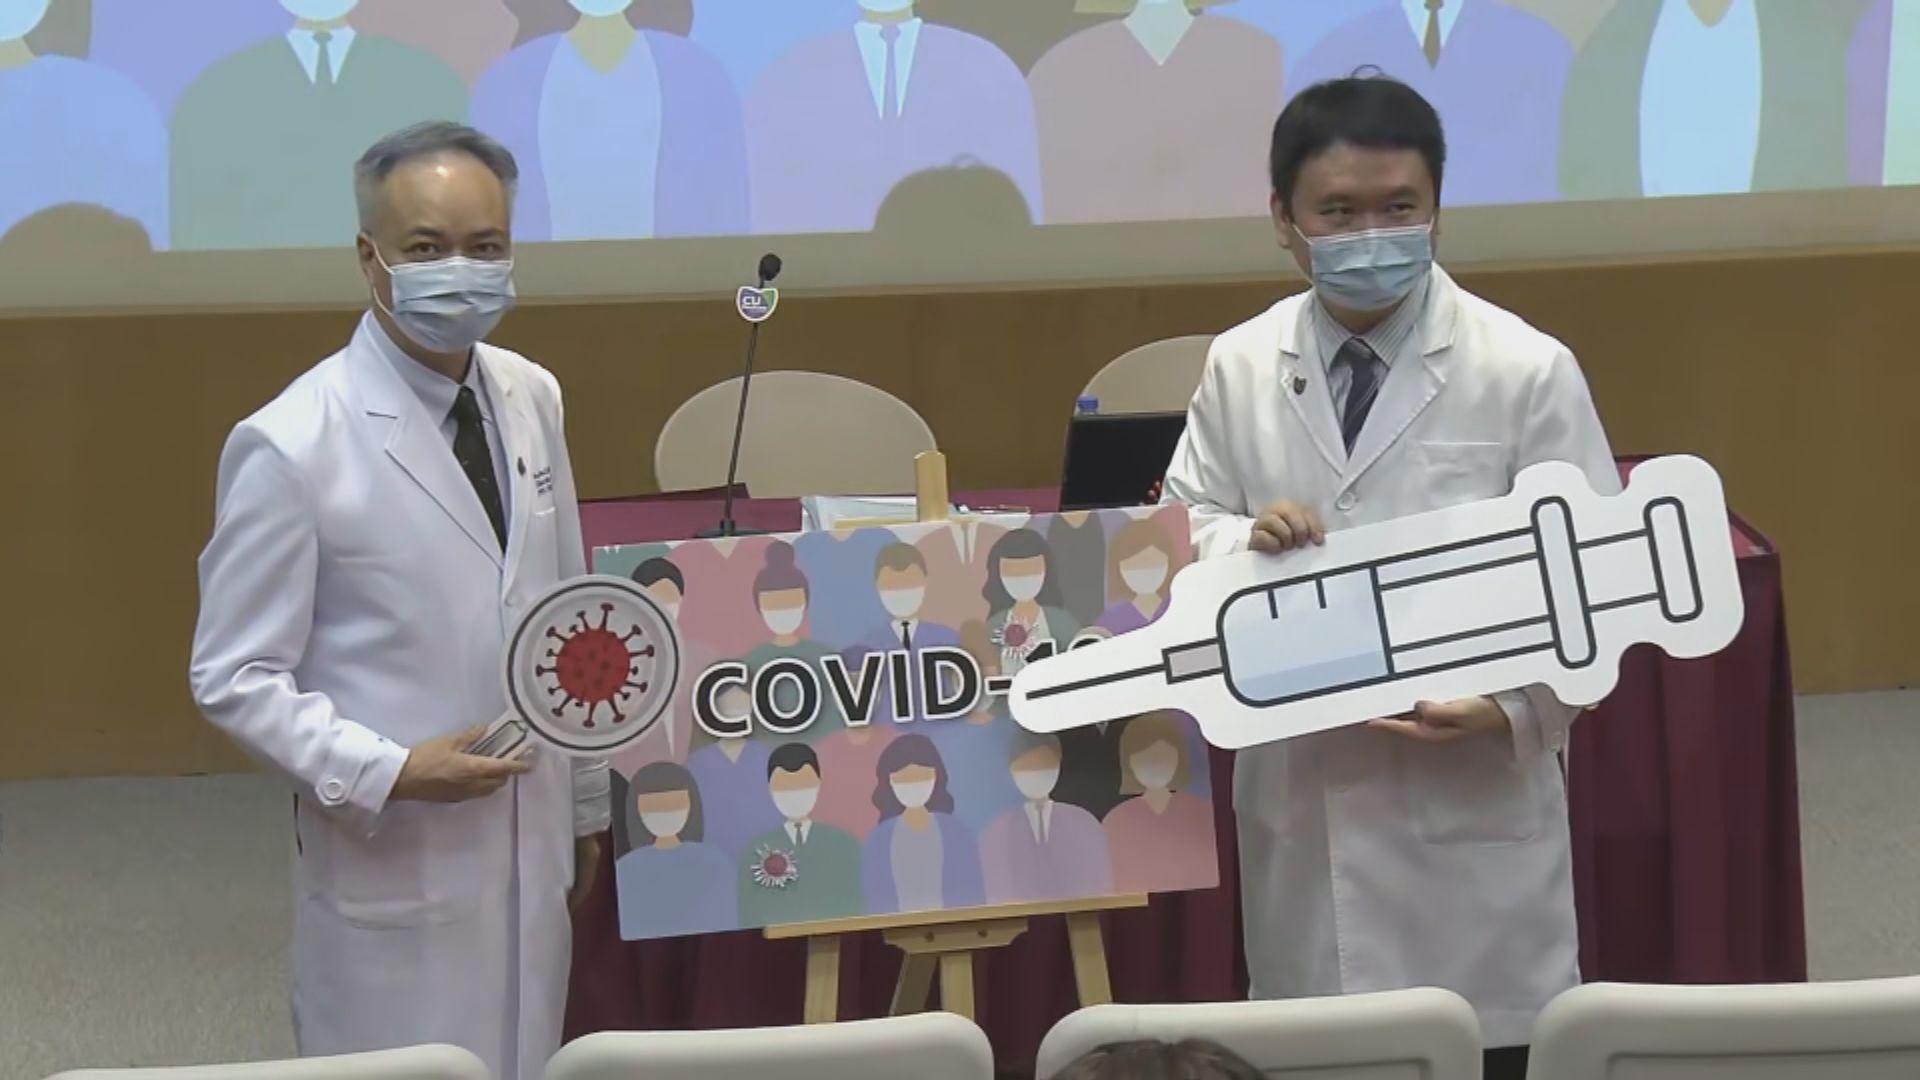 中大醫學院研究推算全港有二萬名隱形新冠病毒感染者